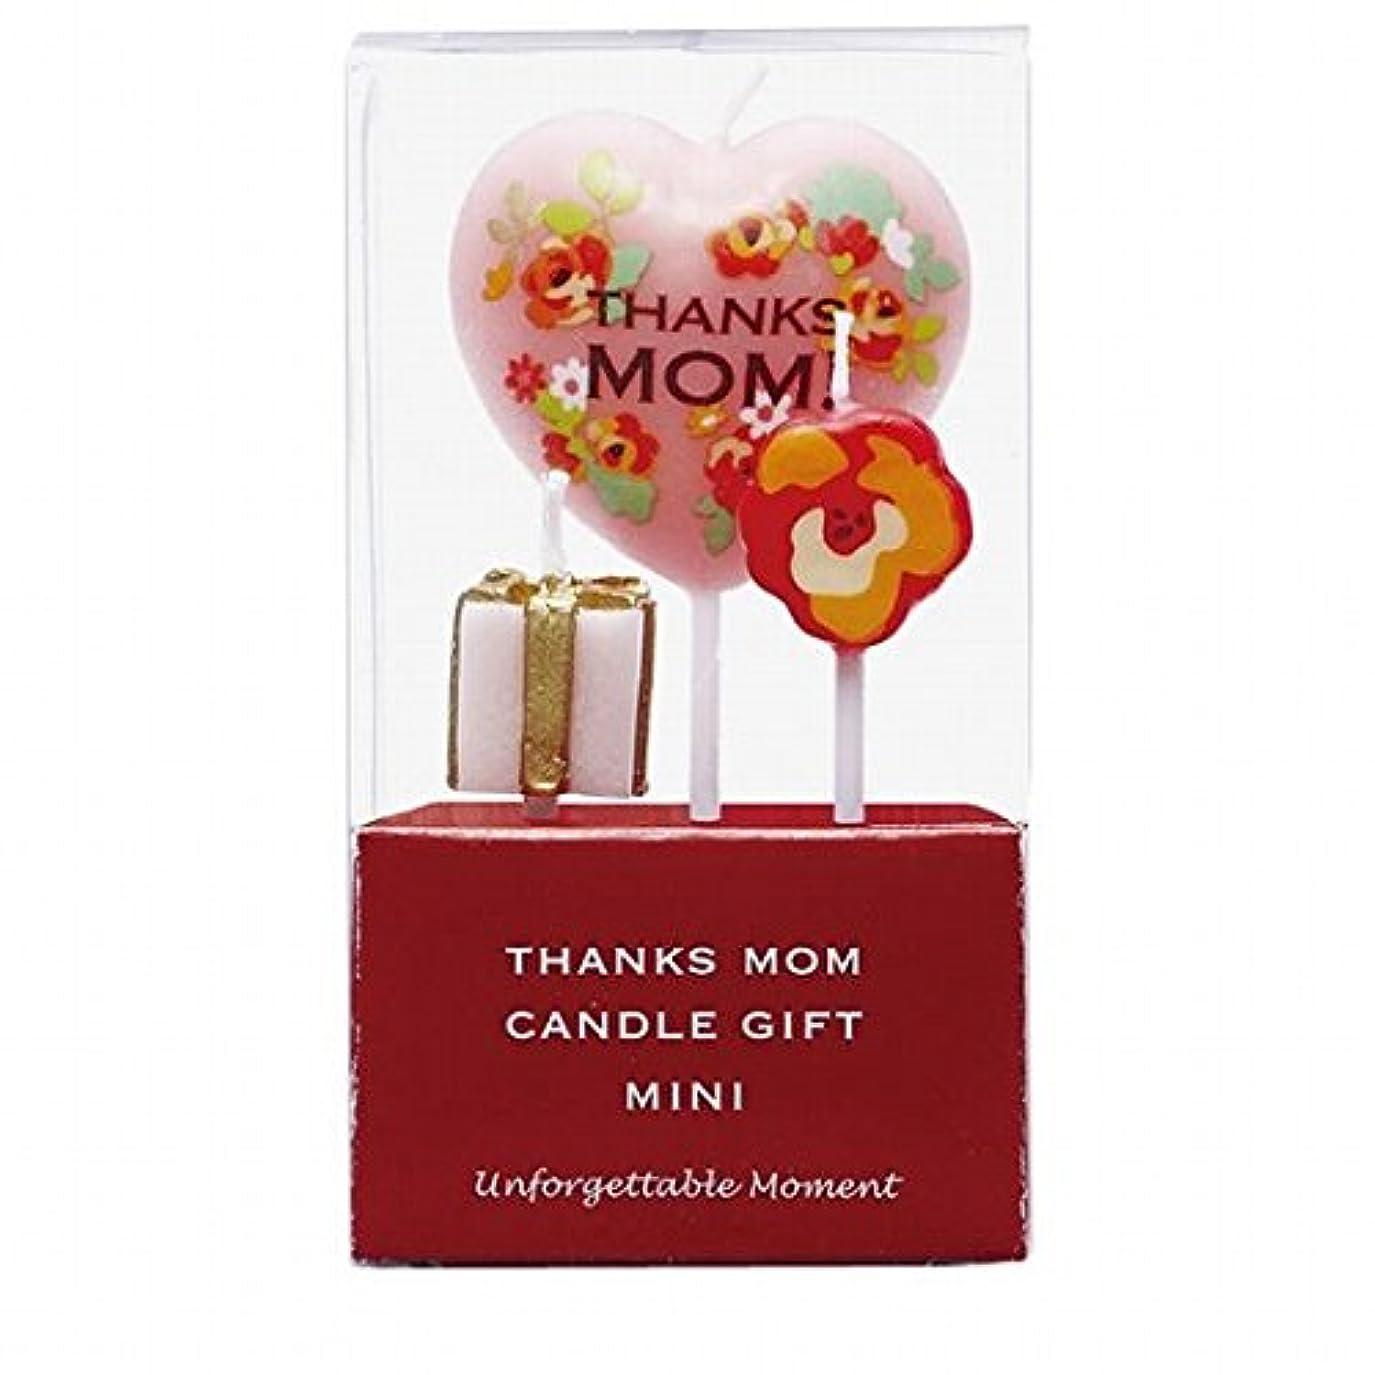 ベギン乱暴な何よりもカメヤマキャンドル(kameyama candle) おかあさんありがとうキャンドルギフトミニ